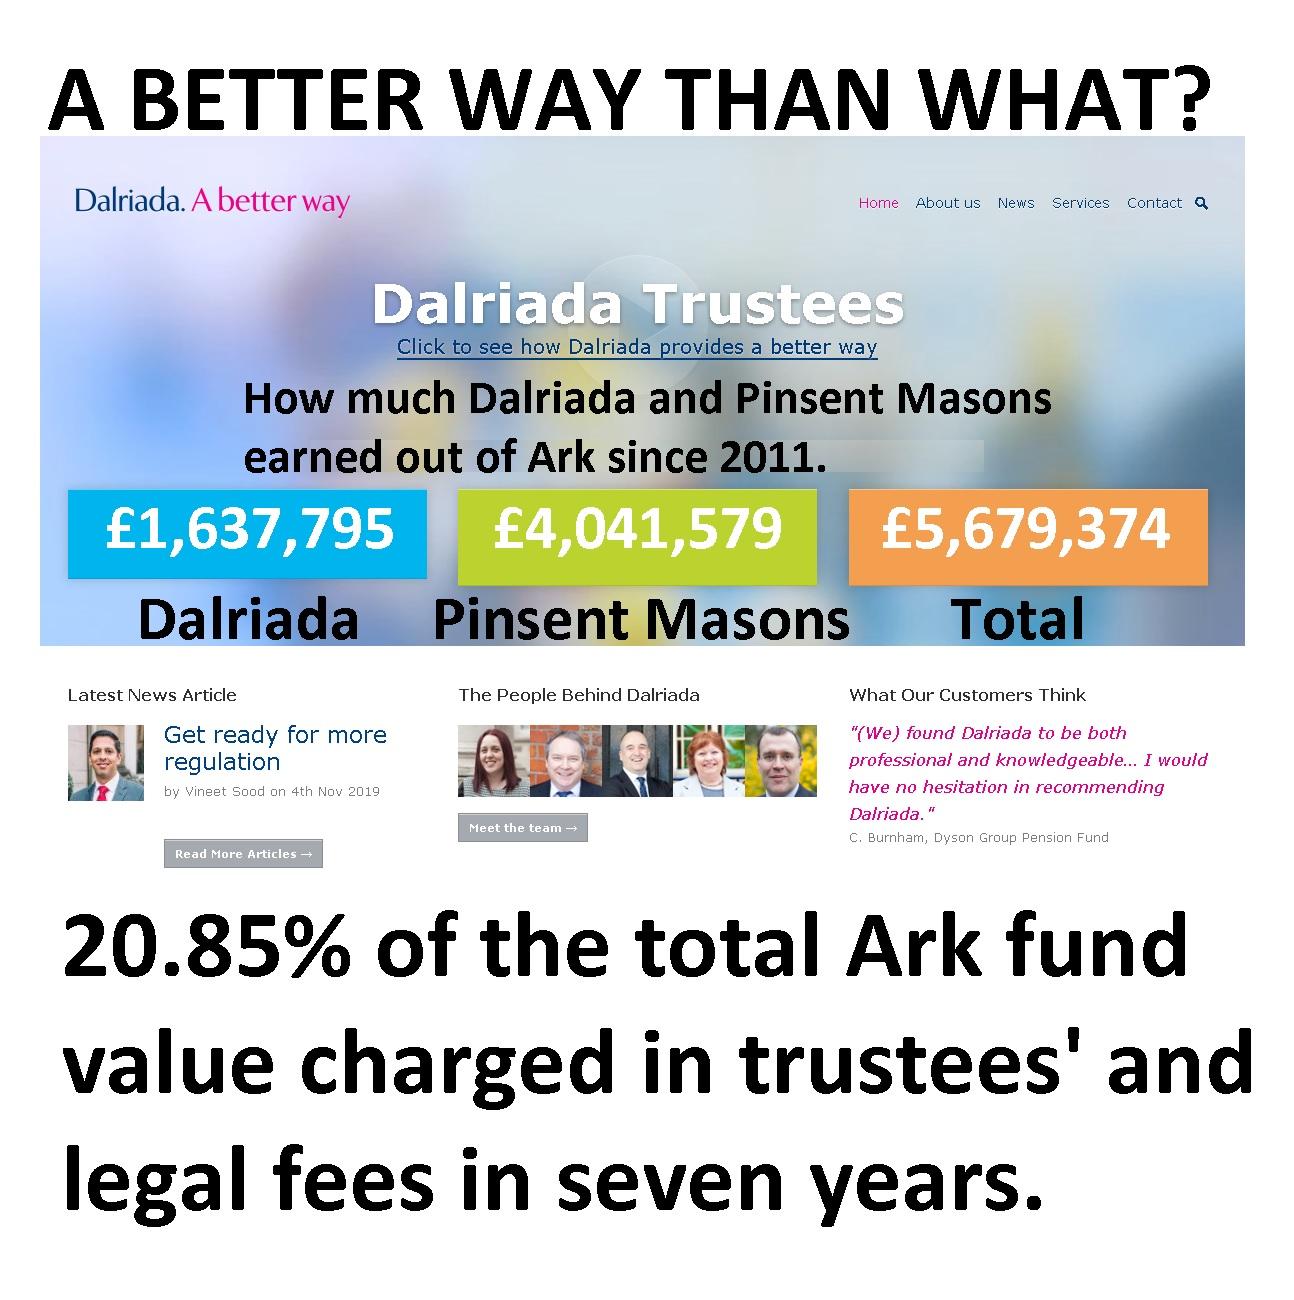 Dalriada A Better Way